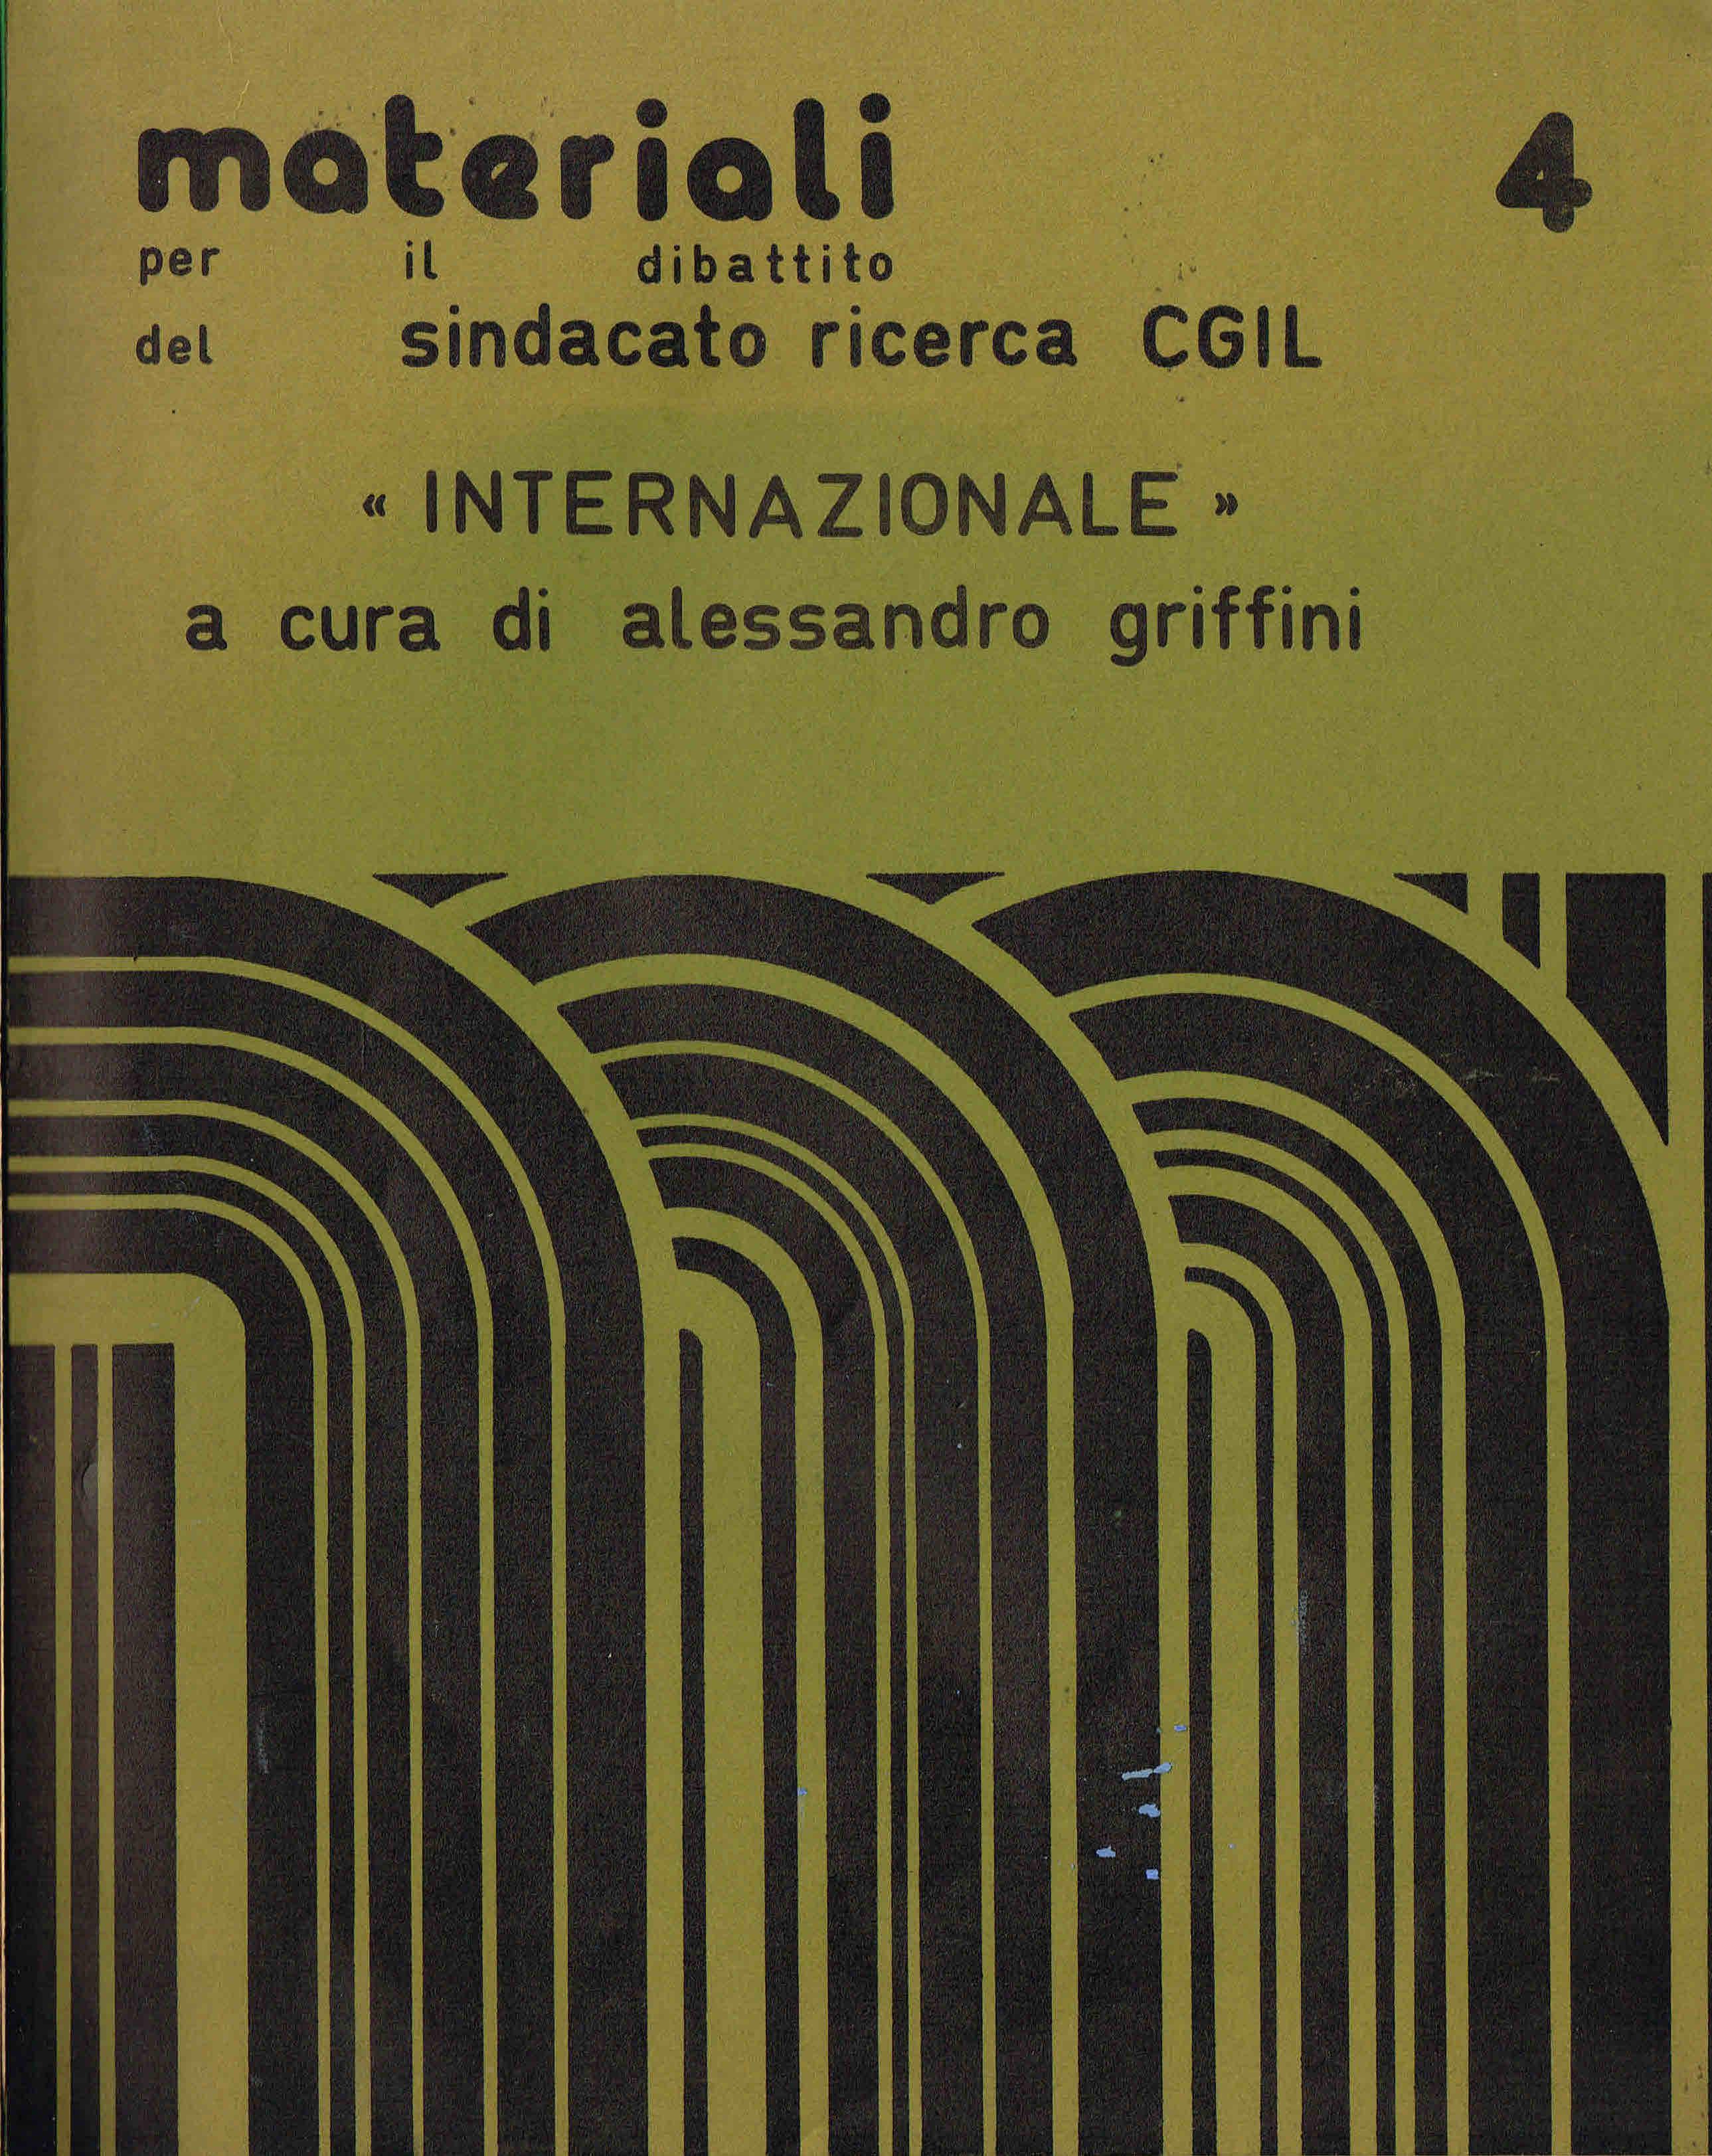 Copy of CCF31072019_0010a (2)